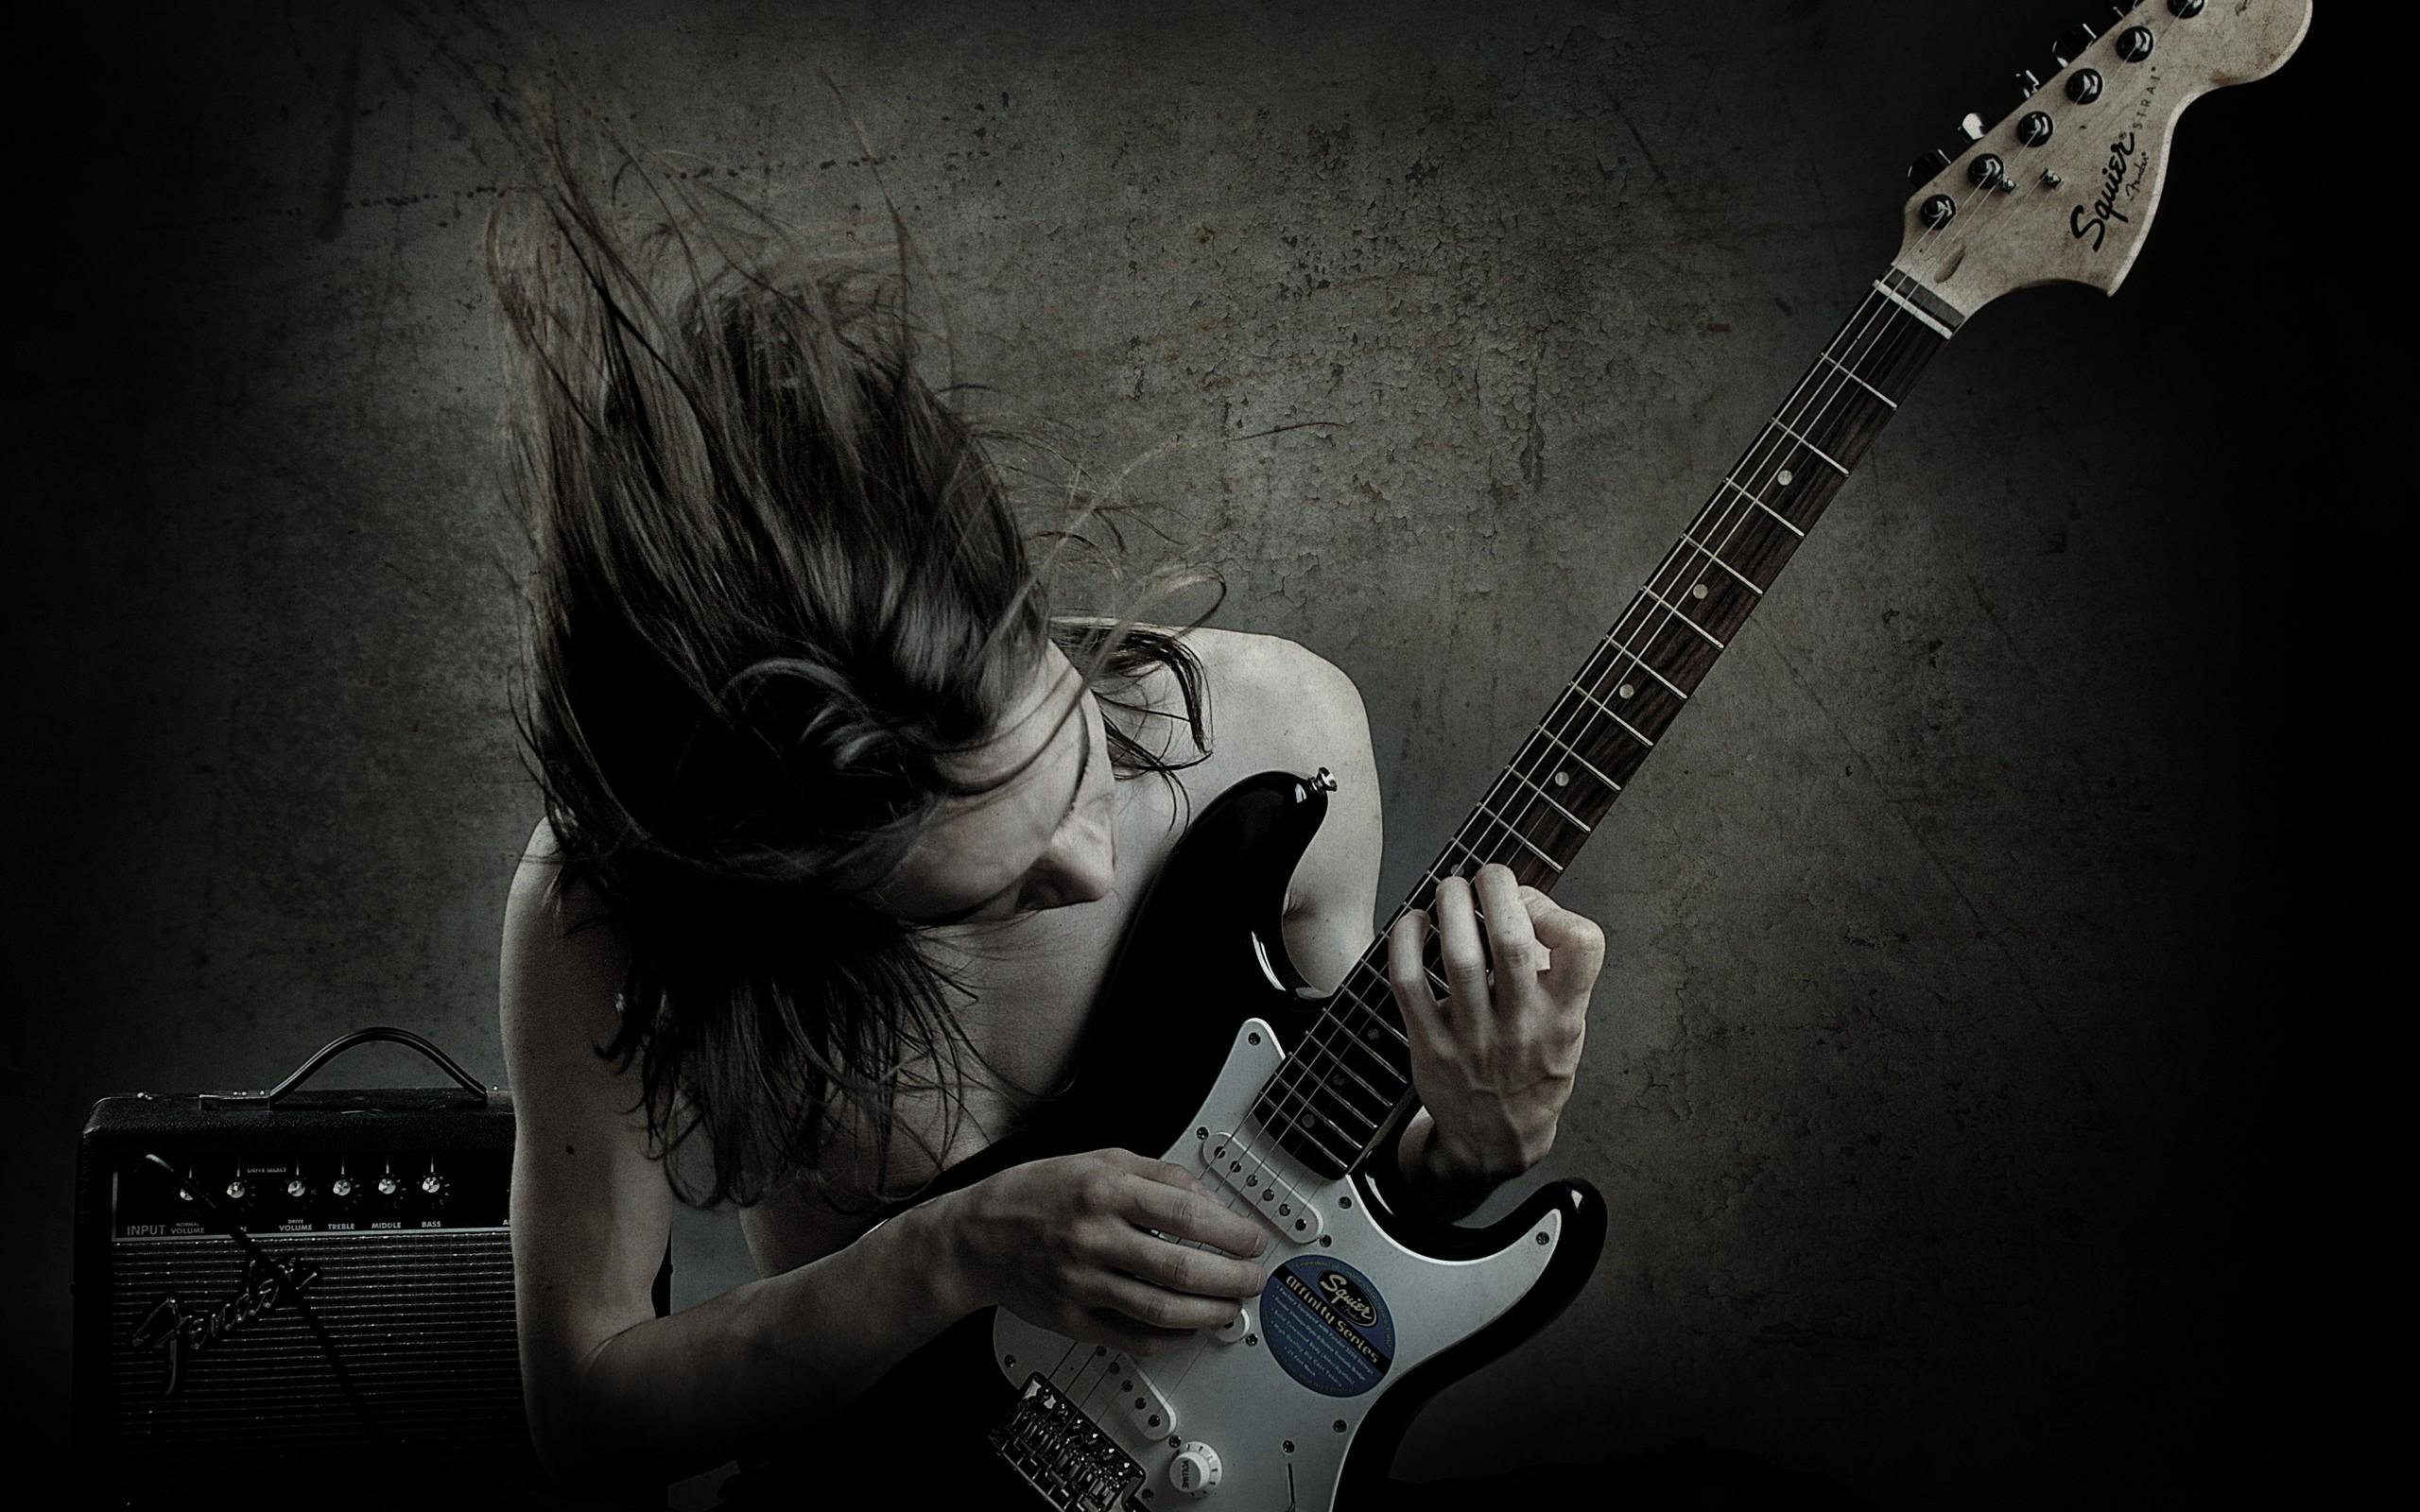 Un guitarrista con una Squier - 2560x1600